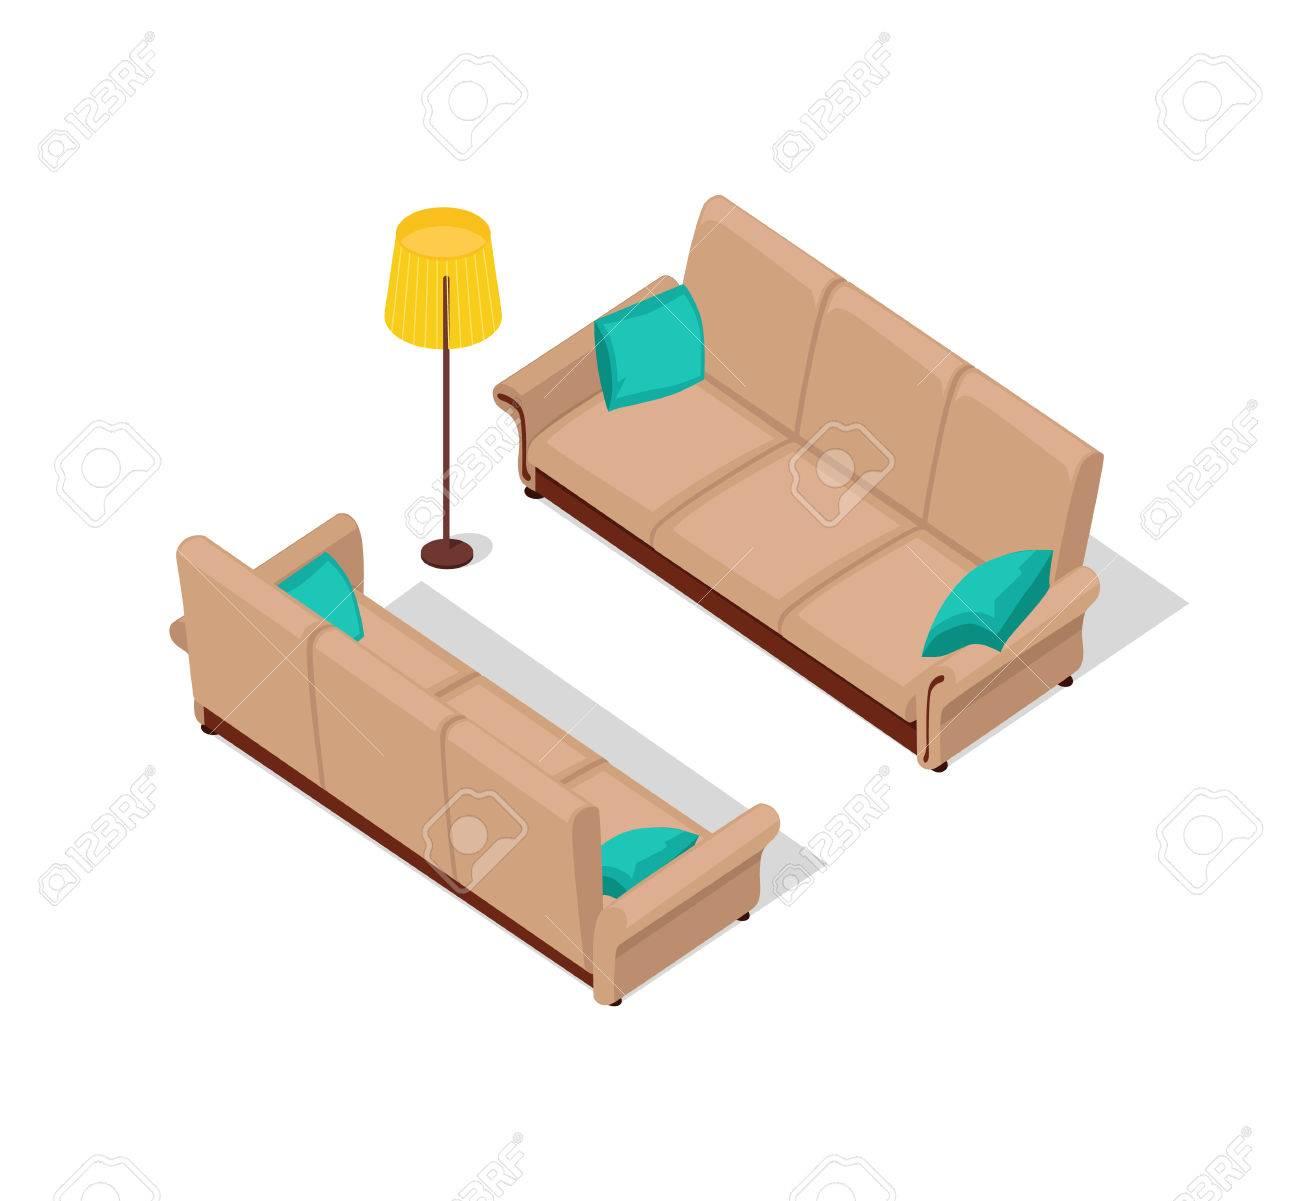 Sofa Und Lampe Isometrische Design. Möbel Isometrische, Innen Sofa Und  Lampe, Wohnzimmer Möbel